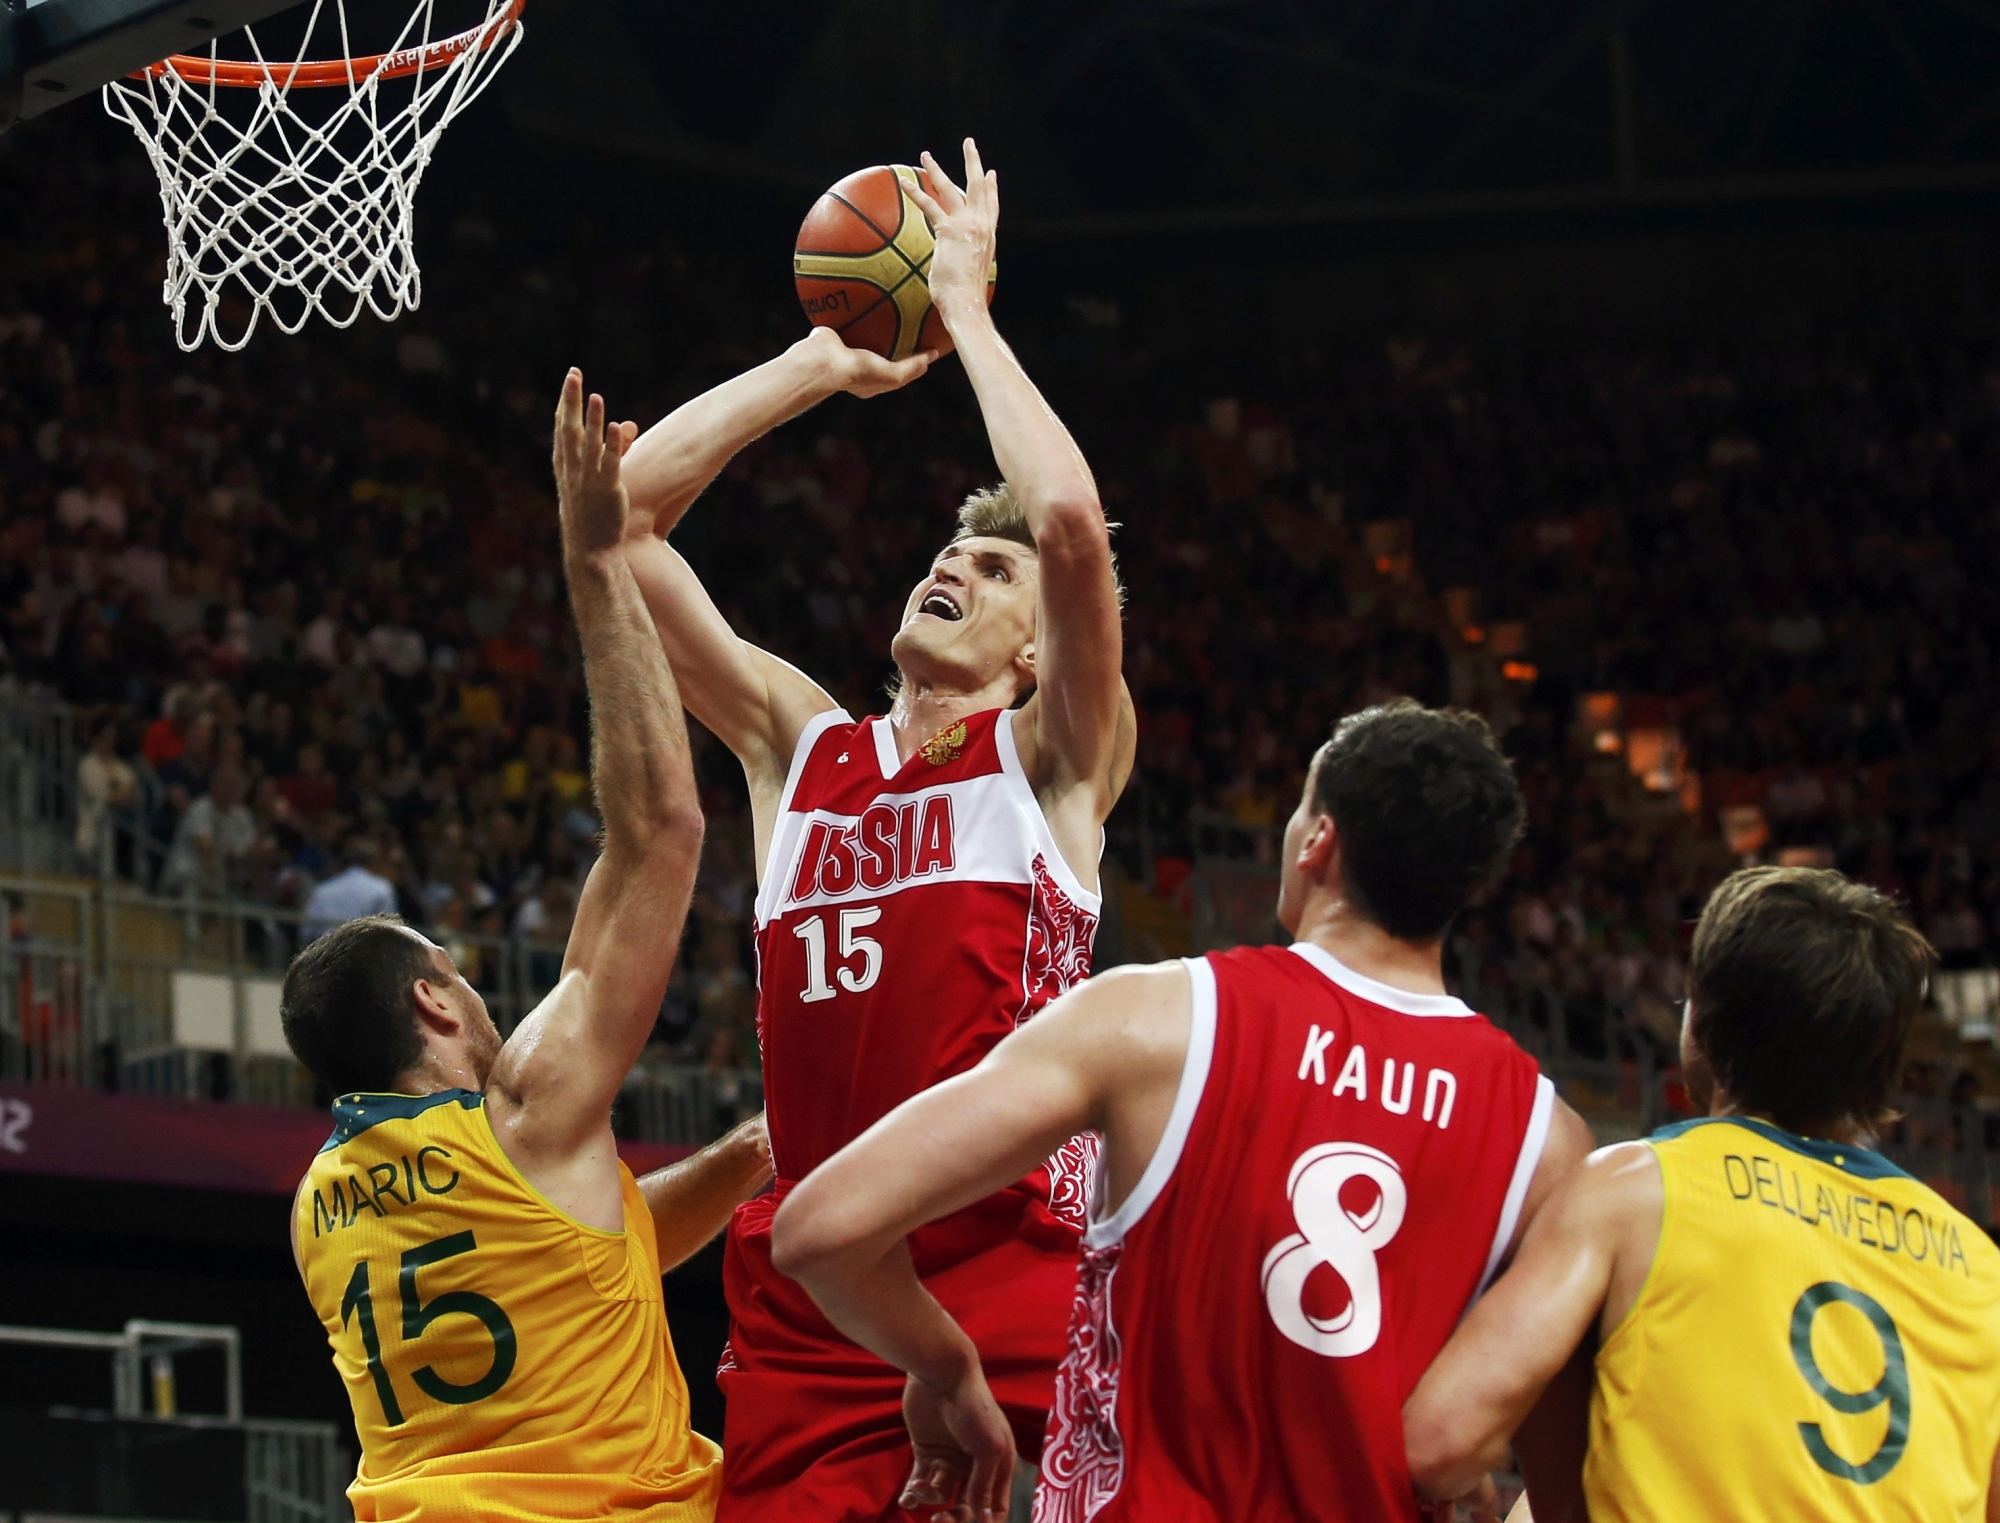 Баскетбол в россии фото